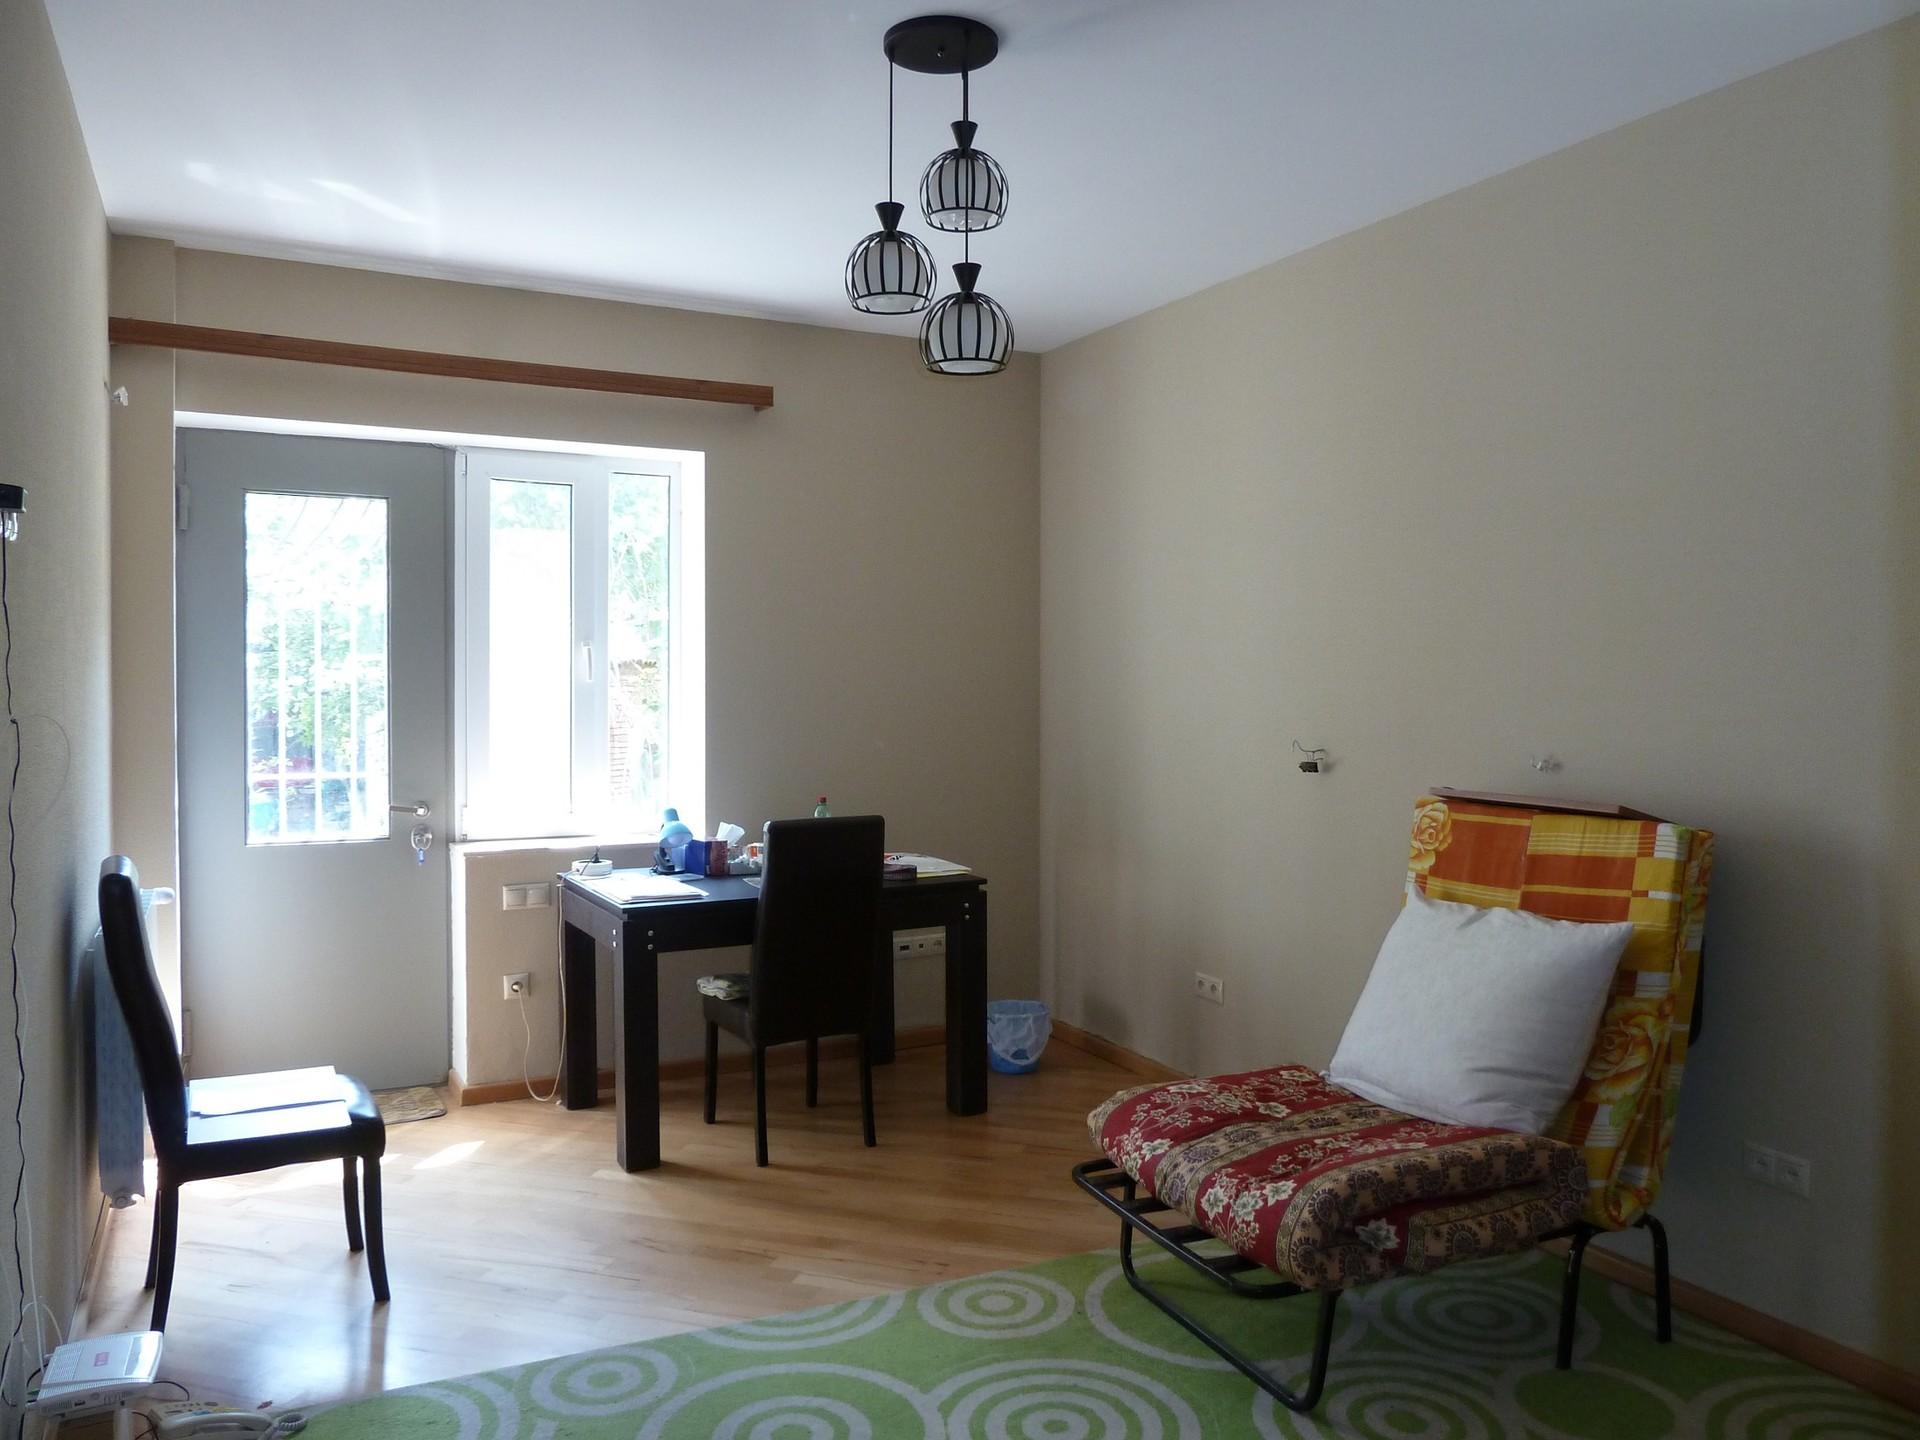 Einzimmerwohnung mit Küche und WC/Dusche | Einzimmerwohnungen zu ...